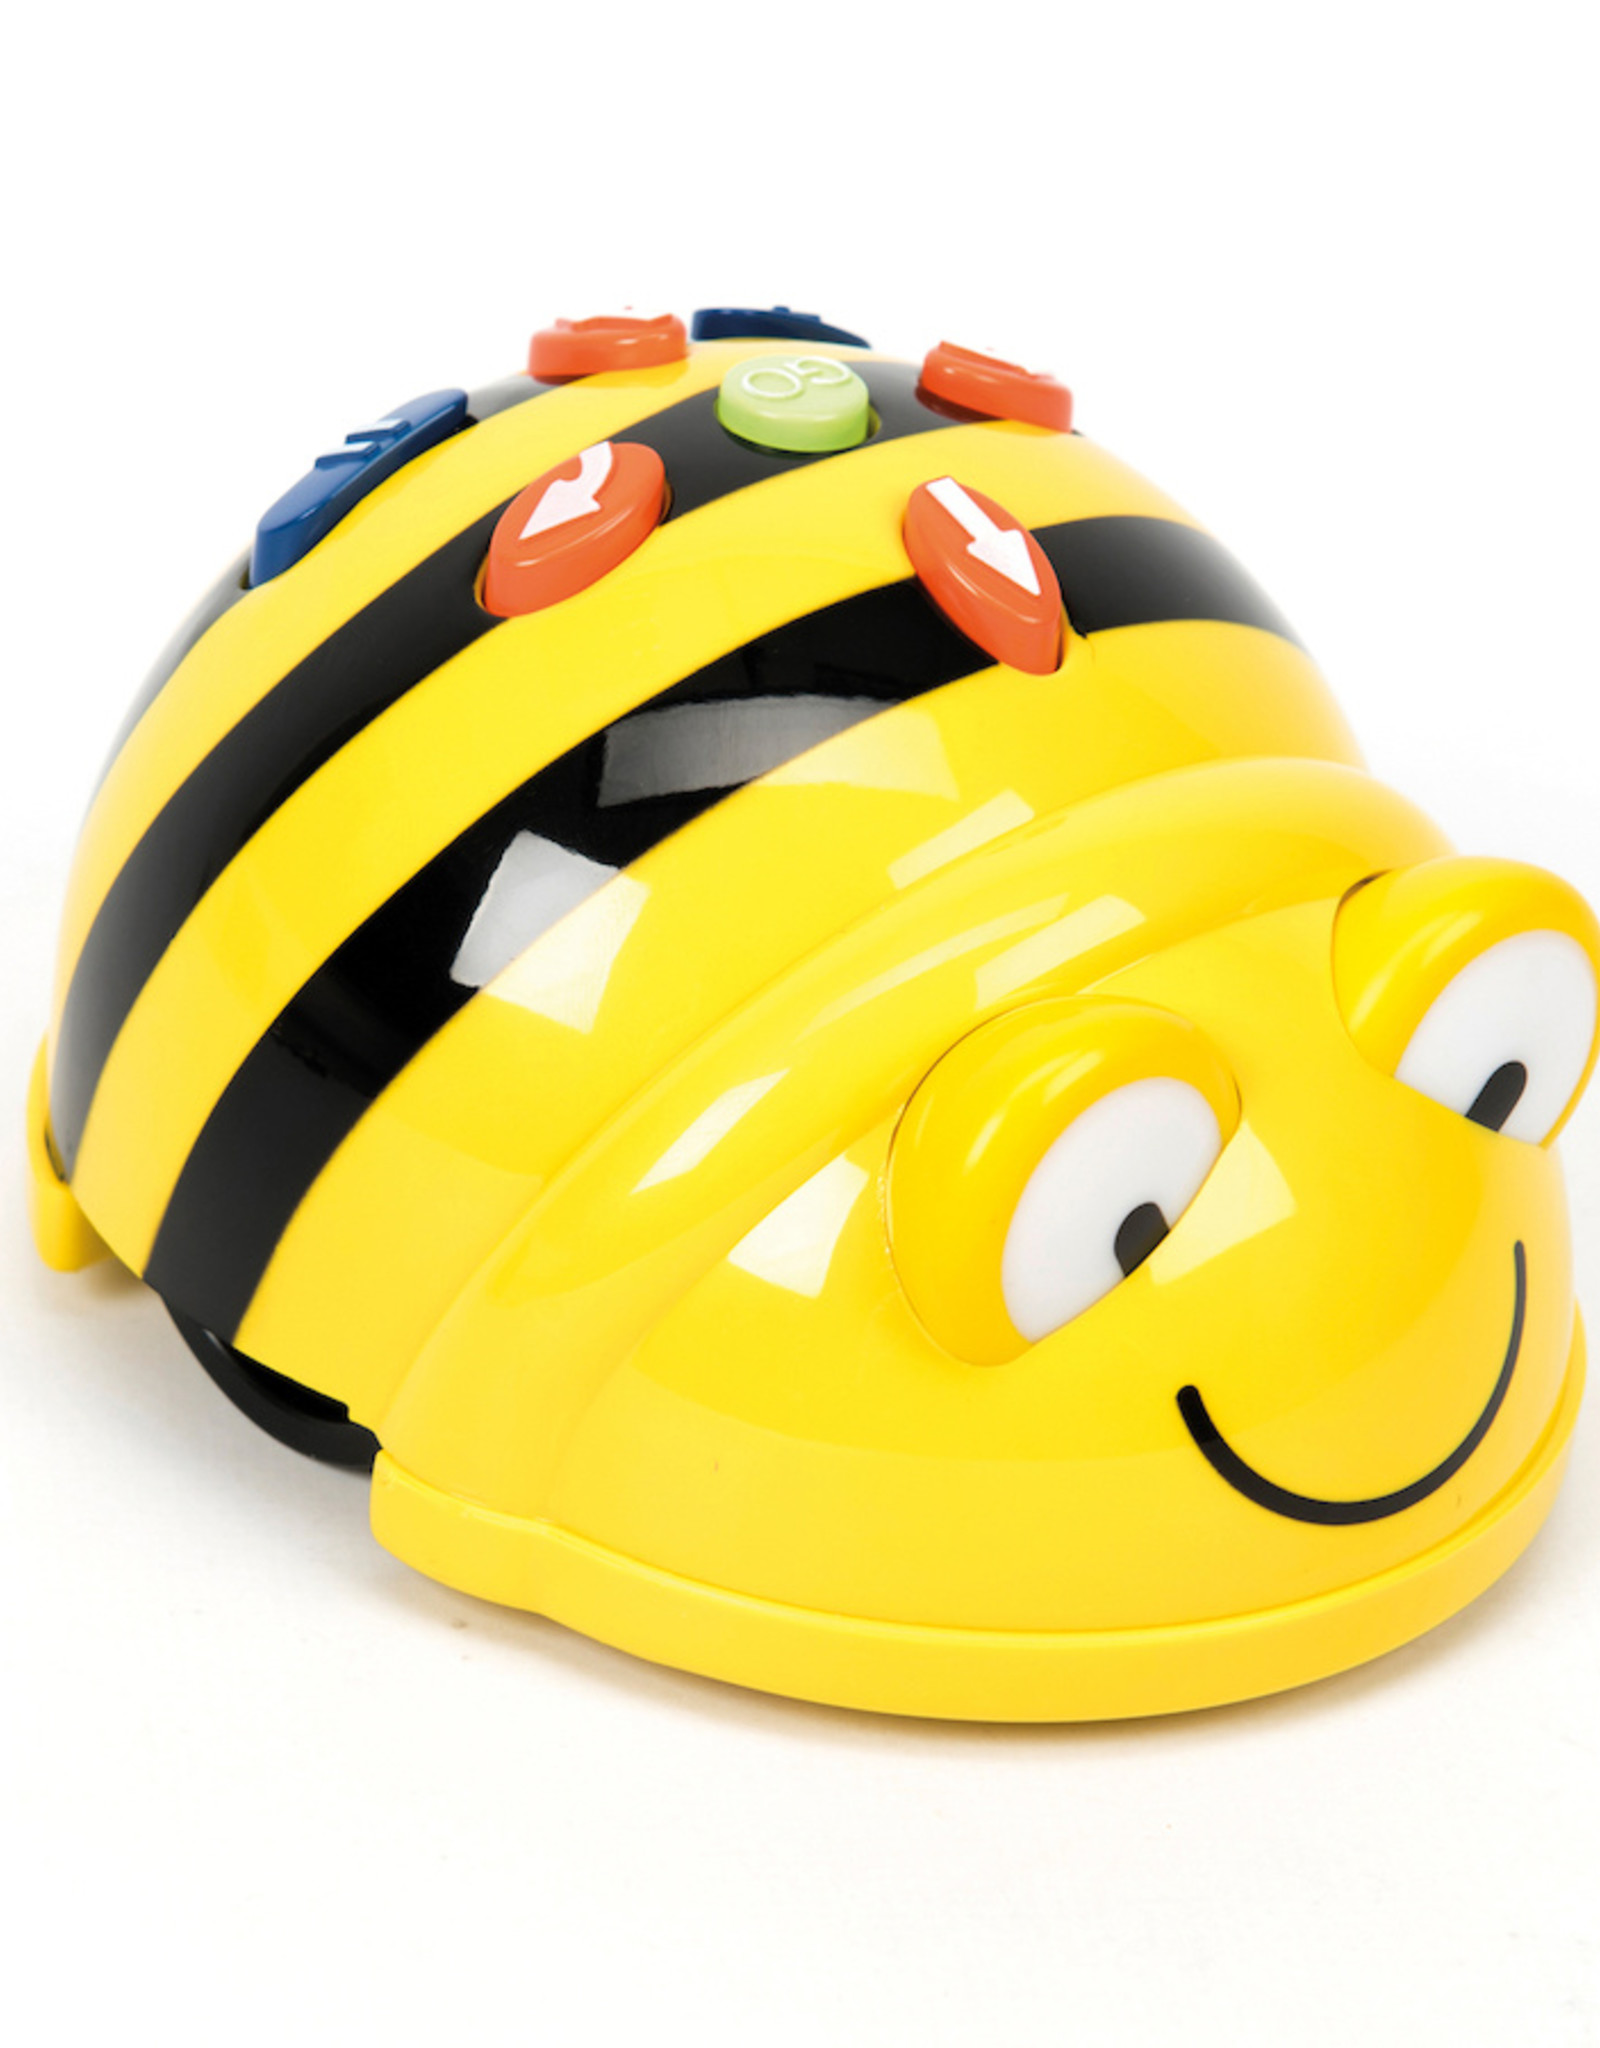 Bee-Bot Bee-Bot versie 2019